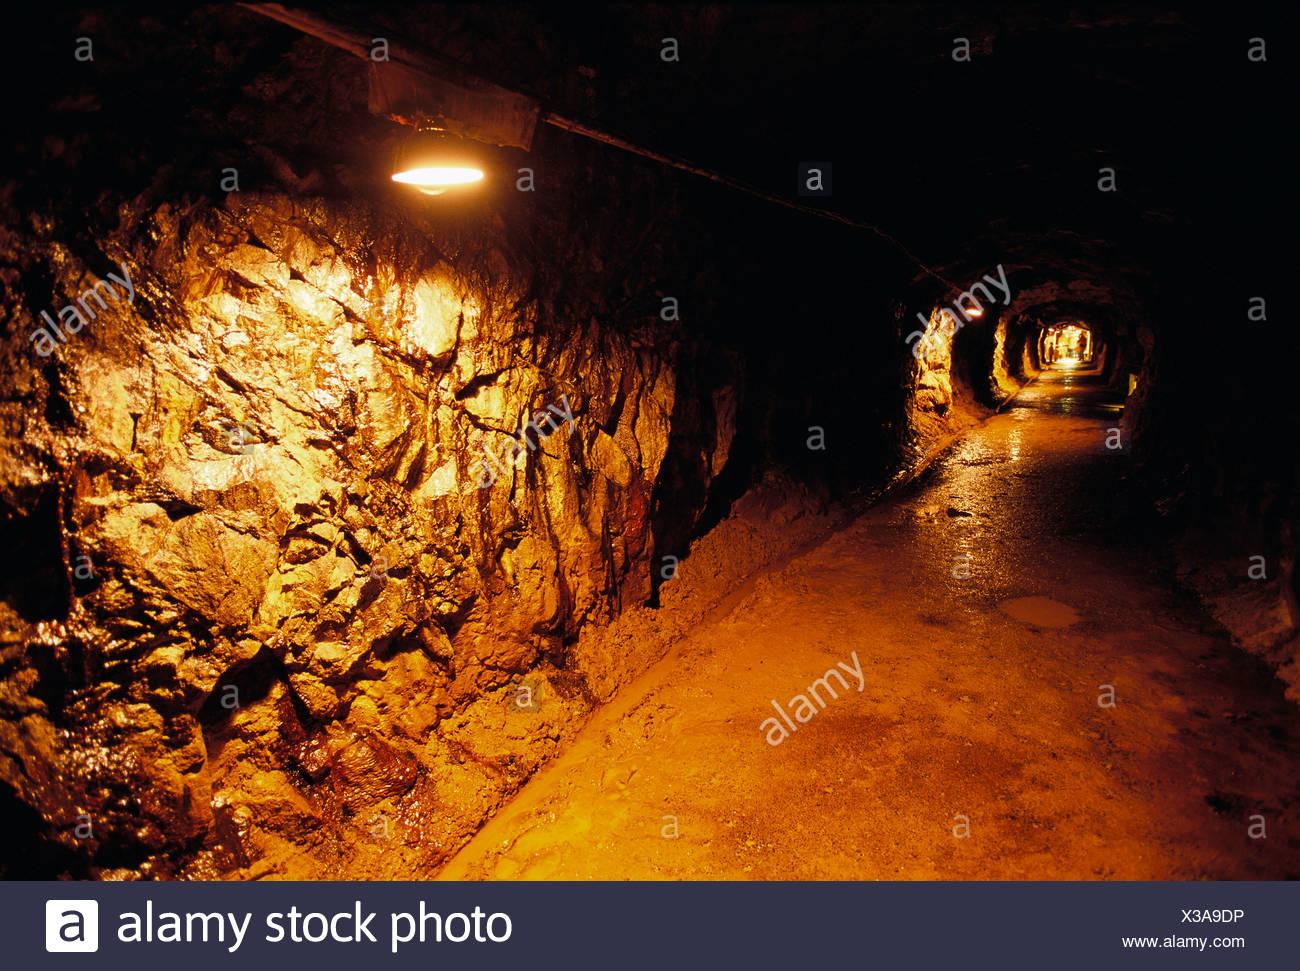 Falu copper mine, Dalarna, Sweden. - Stock Image